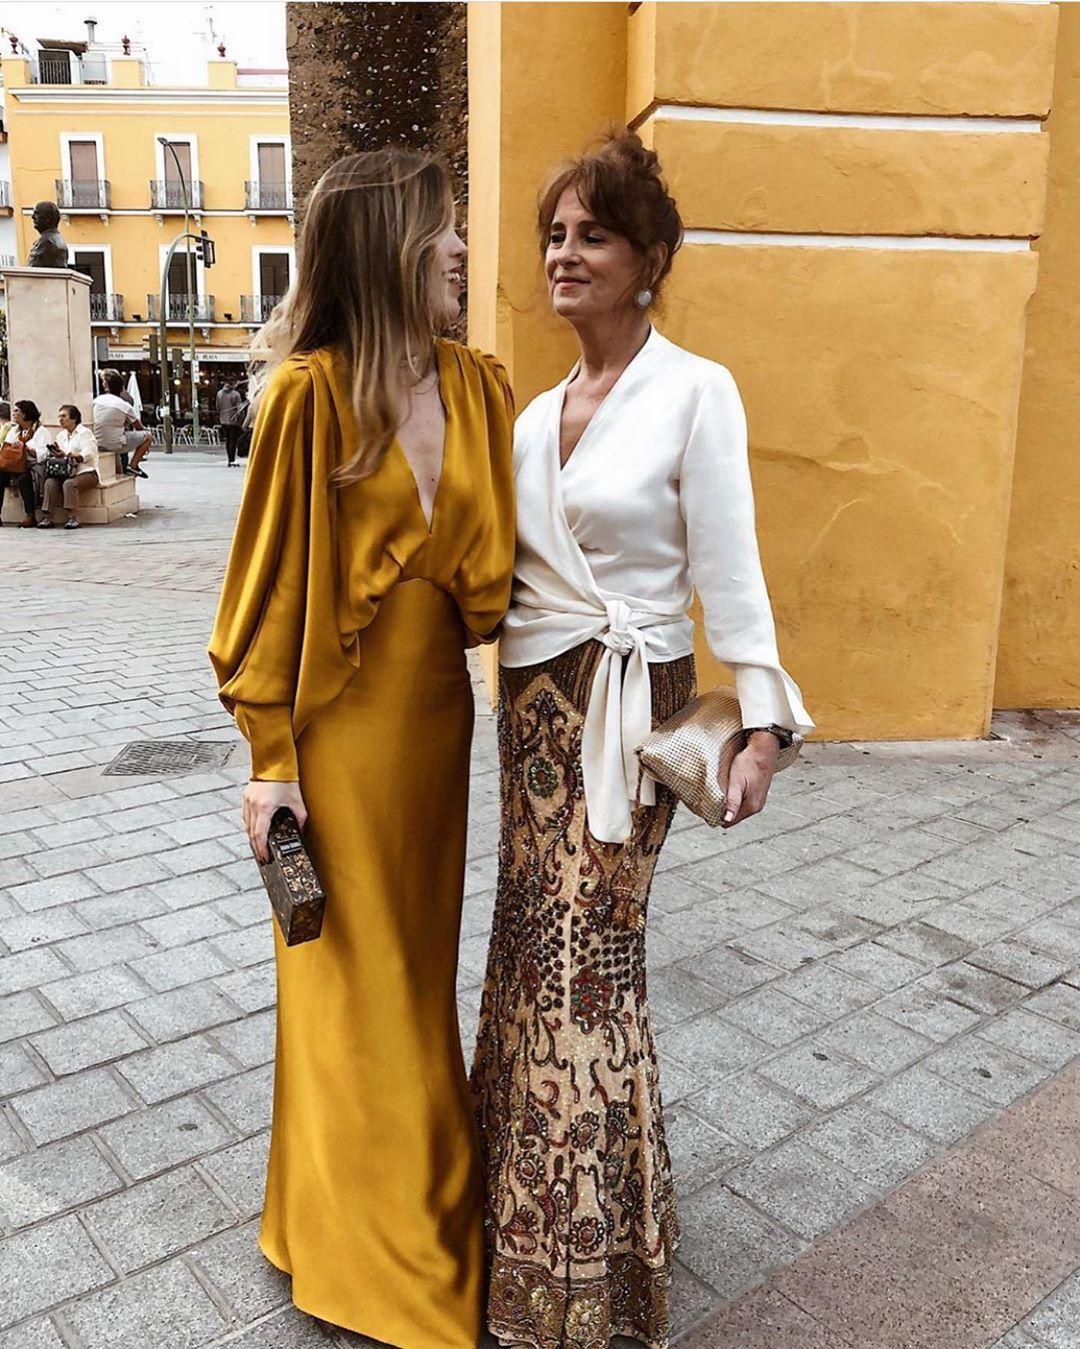 Invitada Ideal By Mariló On Instagram Invitadas Que Son Pura Elegancia Fald Vestido Invitada Boda Noche Vestidos Ceremonia Mujer Vestidos De Boda Invitadas